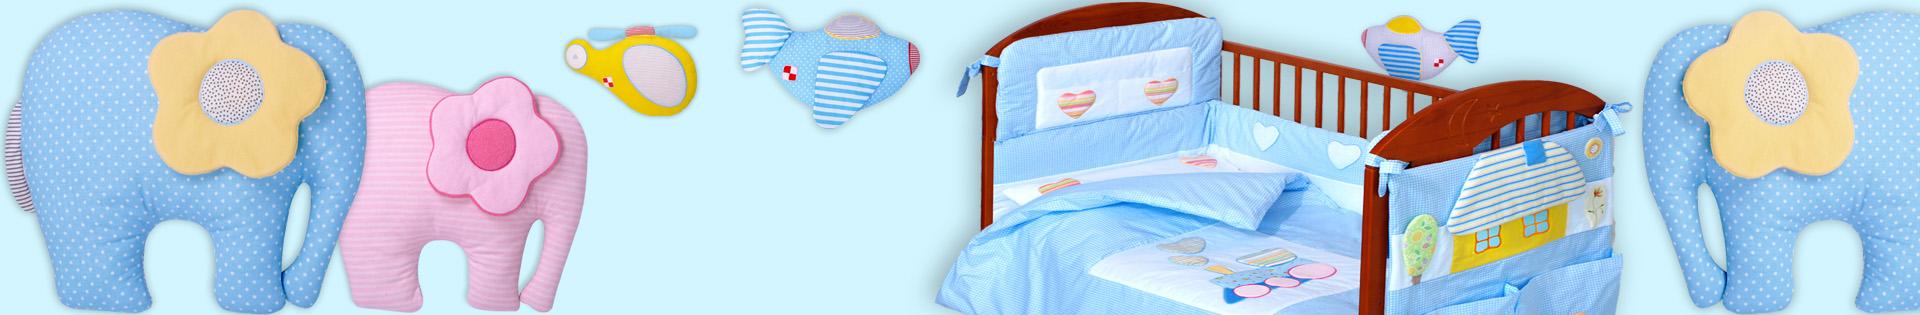 śpiwory dla dzieci